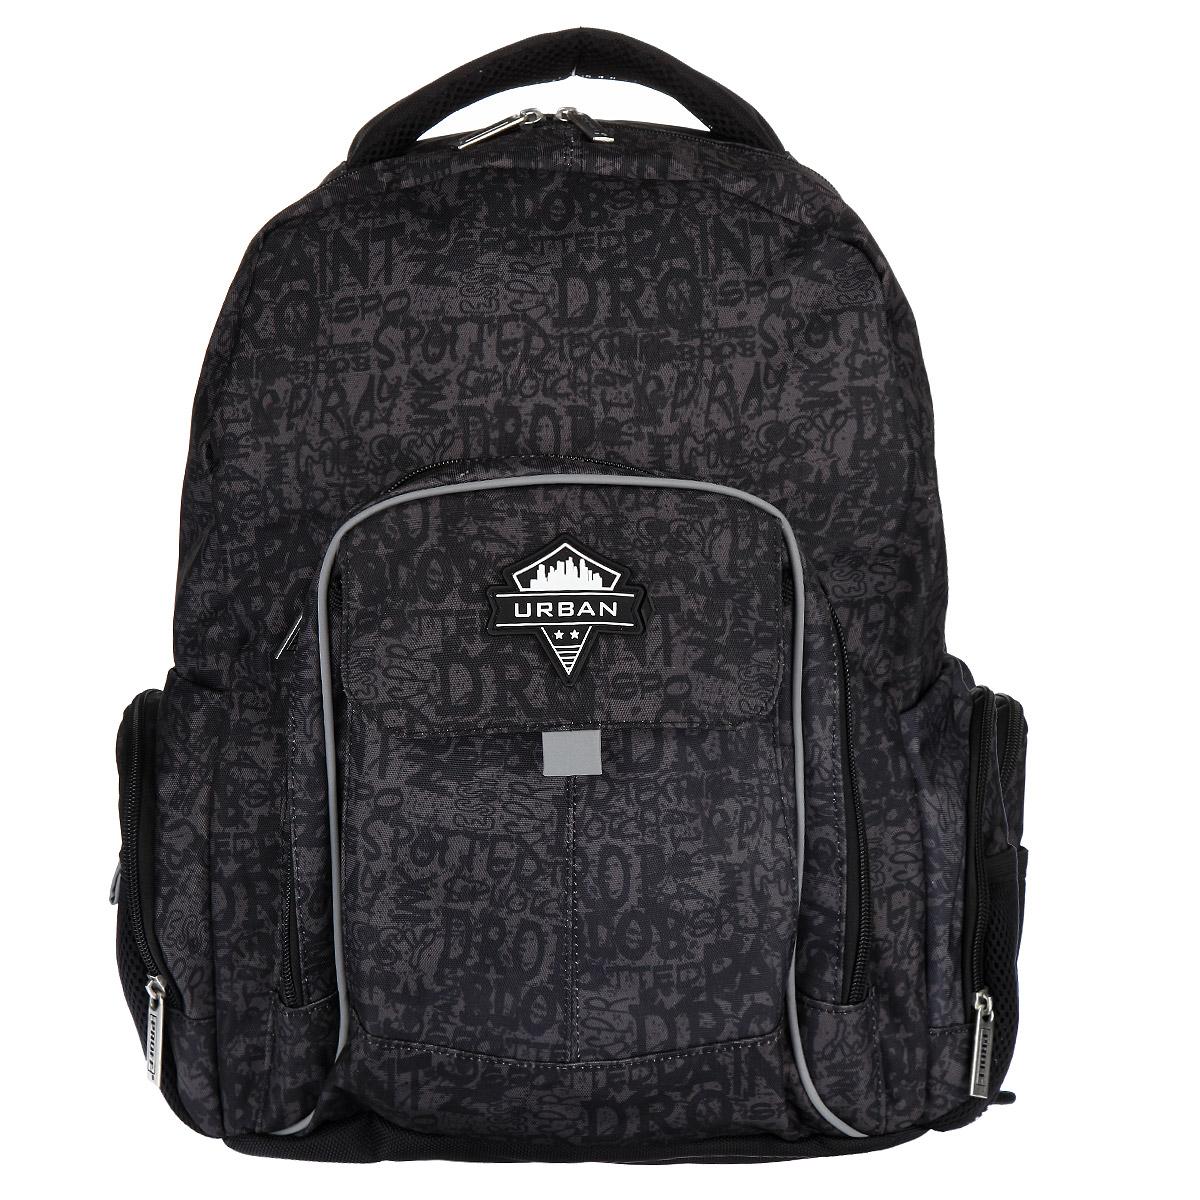 Рюкзак подростковый Proff Urban Style, цвет: серый, черный. UW15-BP-2072523WDРюкзак подростковый Proff Urban Style станет надежным спутником в получении знаний. Он выполнен из полиэстера, имеет оригинальное оформление. Рельеф спинки рюкзака удобен для позвоночника. Рюкзак имеет одно большое отделение, которое закрывается на молнию. Внутри большого отделения расположен сквозной накладной карман на липучке, два небольших кармана для мелочи, три кармашка для ручек или карандашей, а также карабин для ключей. Помимо основного отделения, рюкзак имеет один внешний карман на молнии и один на липучке с лицевой стороны, и по два боковых кармана с каждой стороны, один на молнии, один на липучке. Рюкзак оснащен широкими плечевыми ремнями с поролоновым наполнителем, которые регулируются по длине, и мягкой ручкой для переноски в руке, а удобная спинка анатомической формы будет оберегать вашу спину при длительных нагрузках.